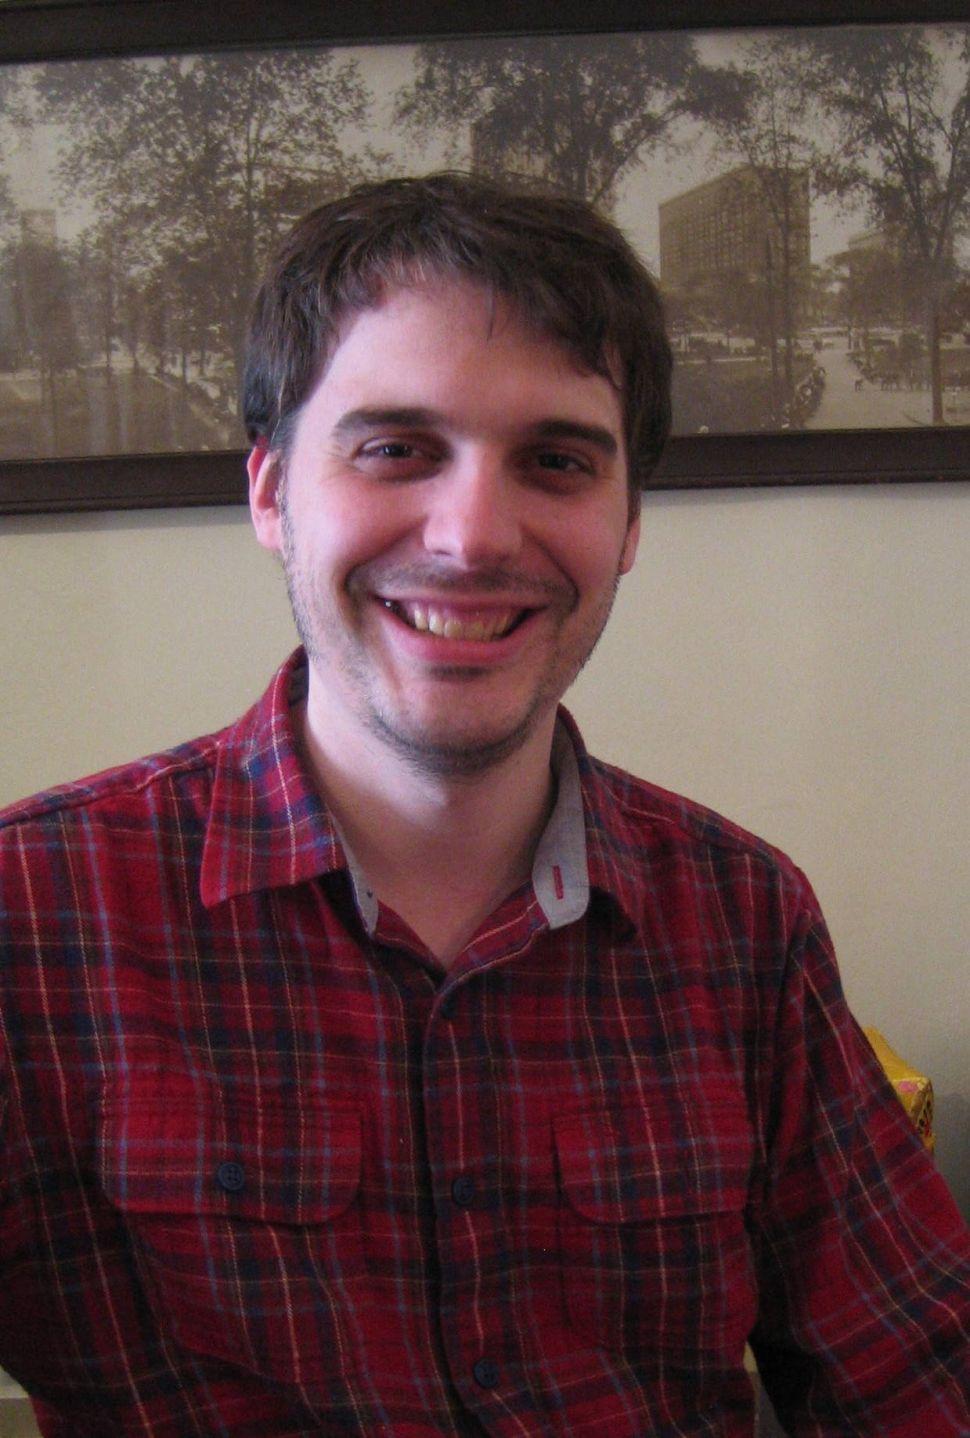 An update on Matt Friedman